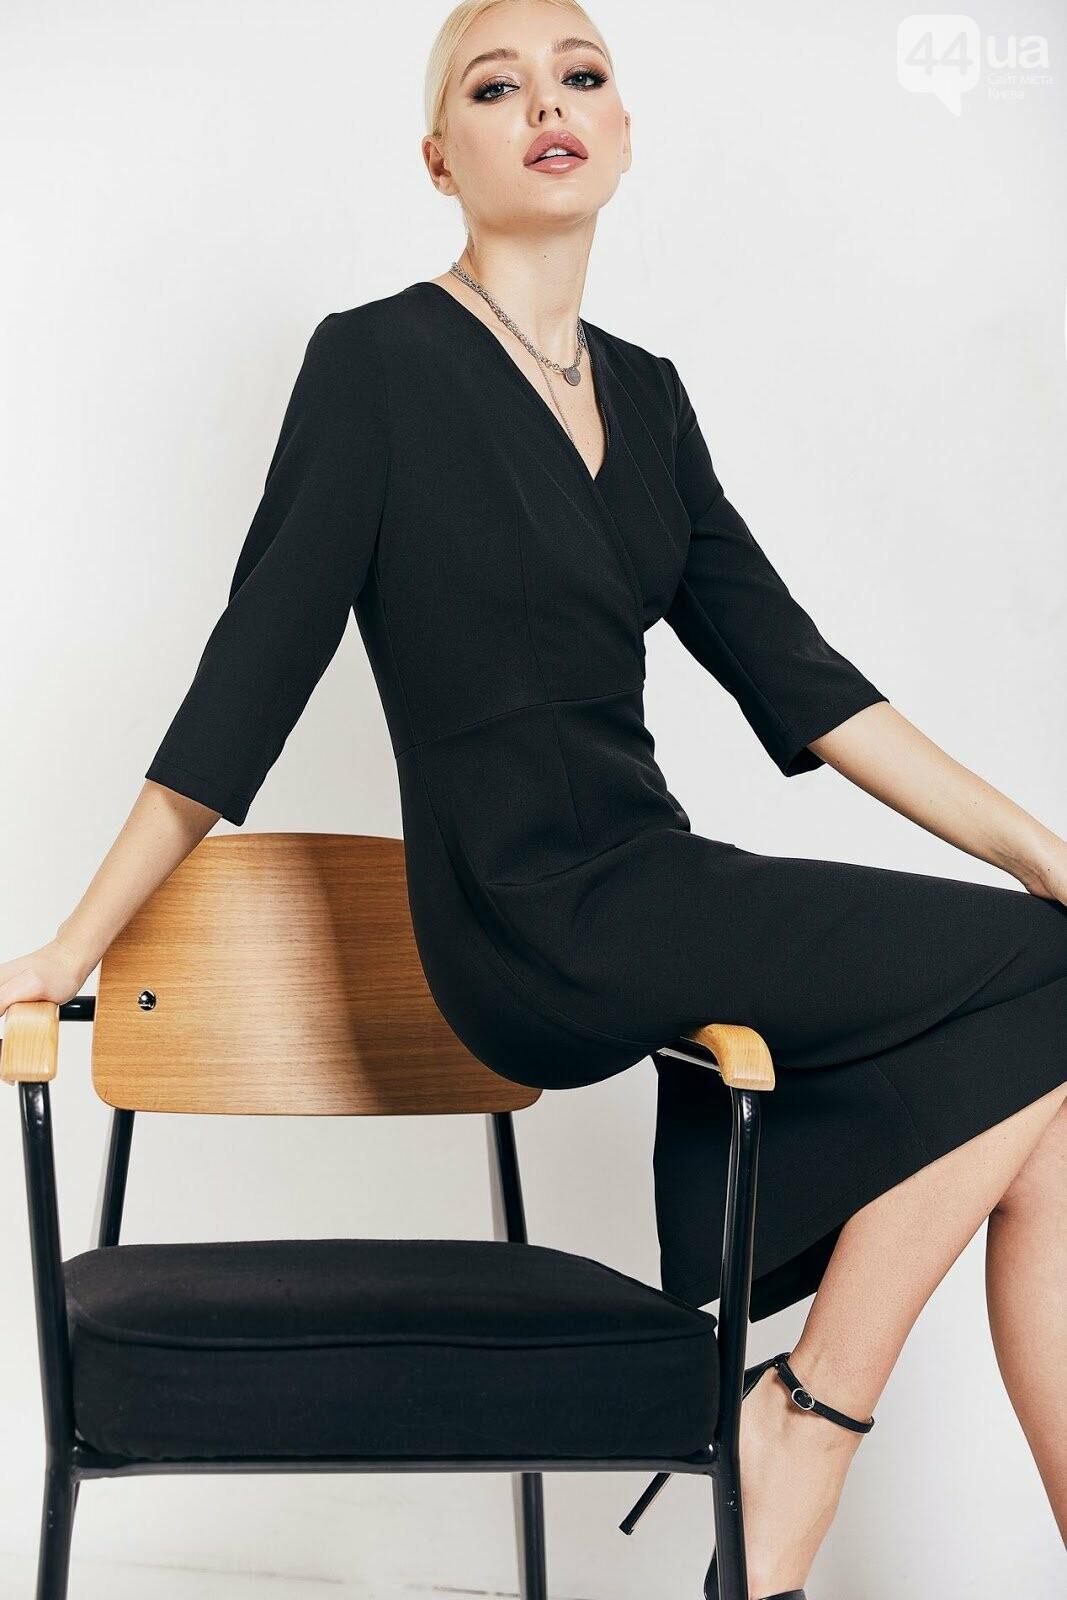 9 нужных вещей в идеальном женском гардеробе, фото-2